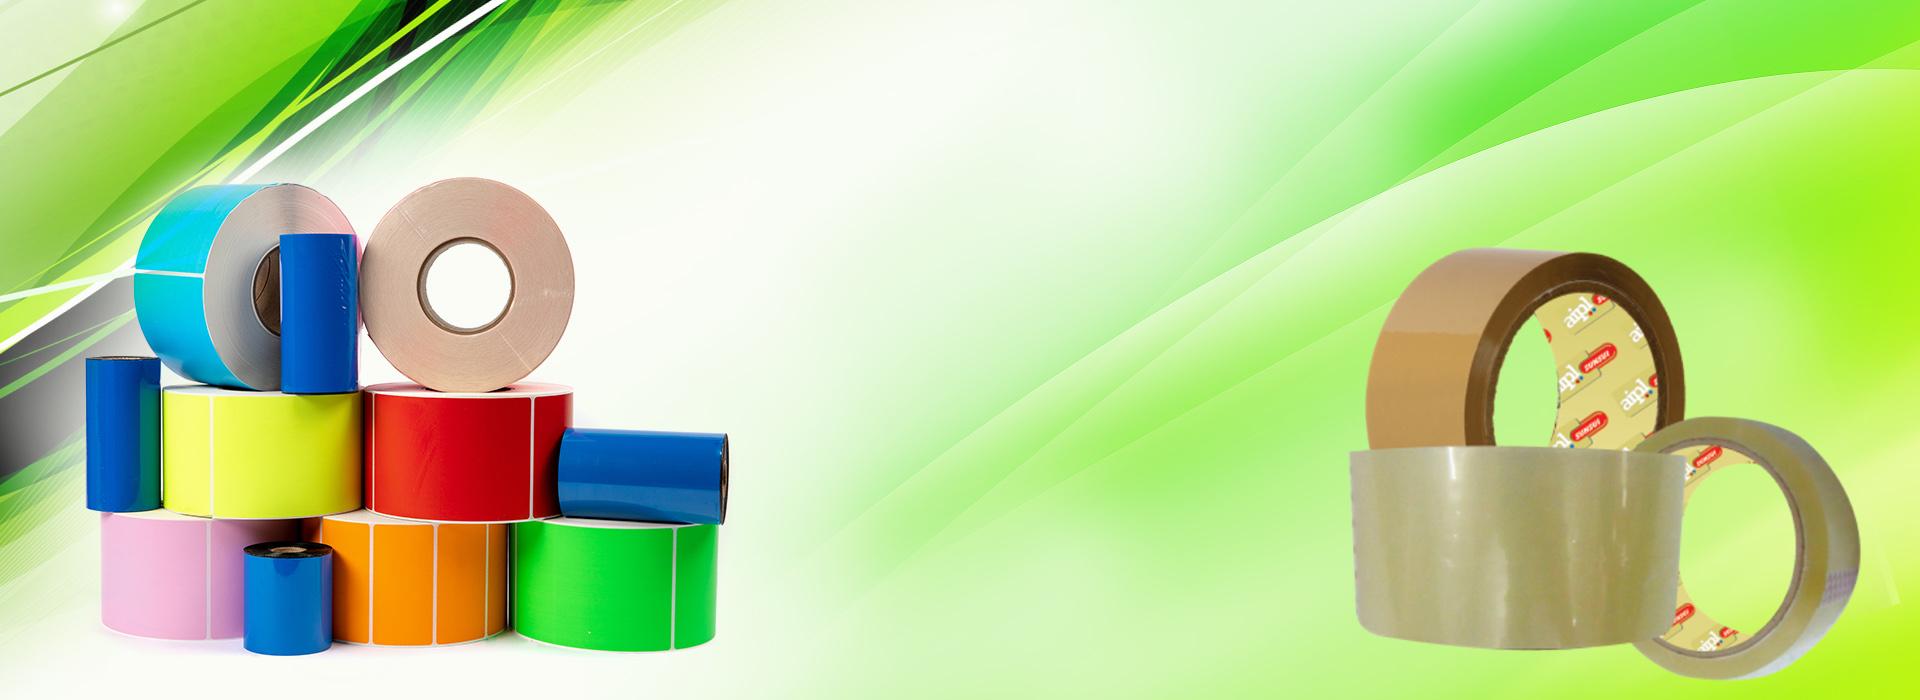 Plain label suppliers UAE